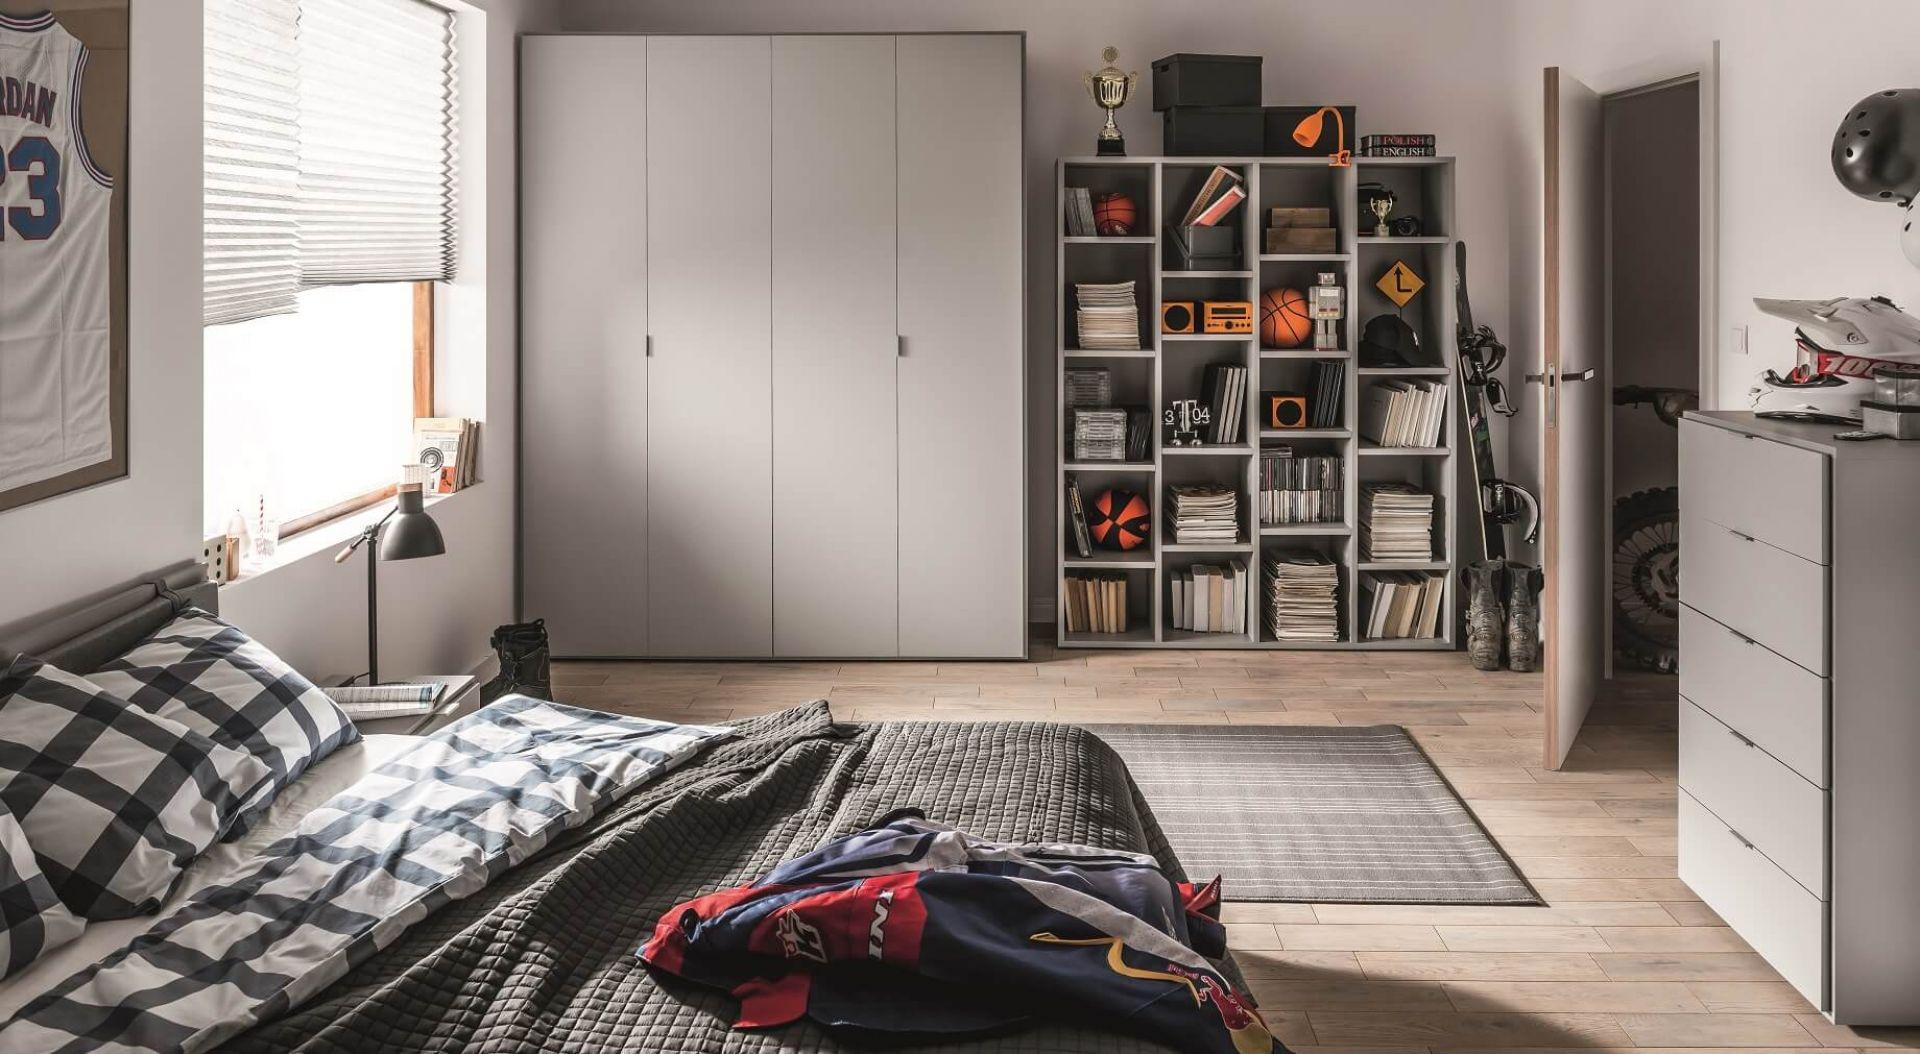 Nasze zamiłowanie do stylu skandynawskiego we wnętrzach nie słabnie, wręcz przeciwnie systematycznie przybiera na sile. Skąd w Polakach słabość do naturalnych materiałów, bieli, prostego i funkcjonalnego designu? Fot. Vox